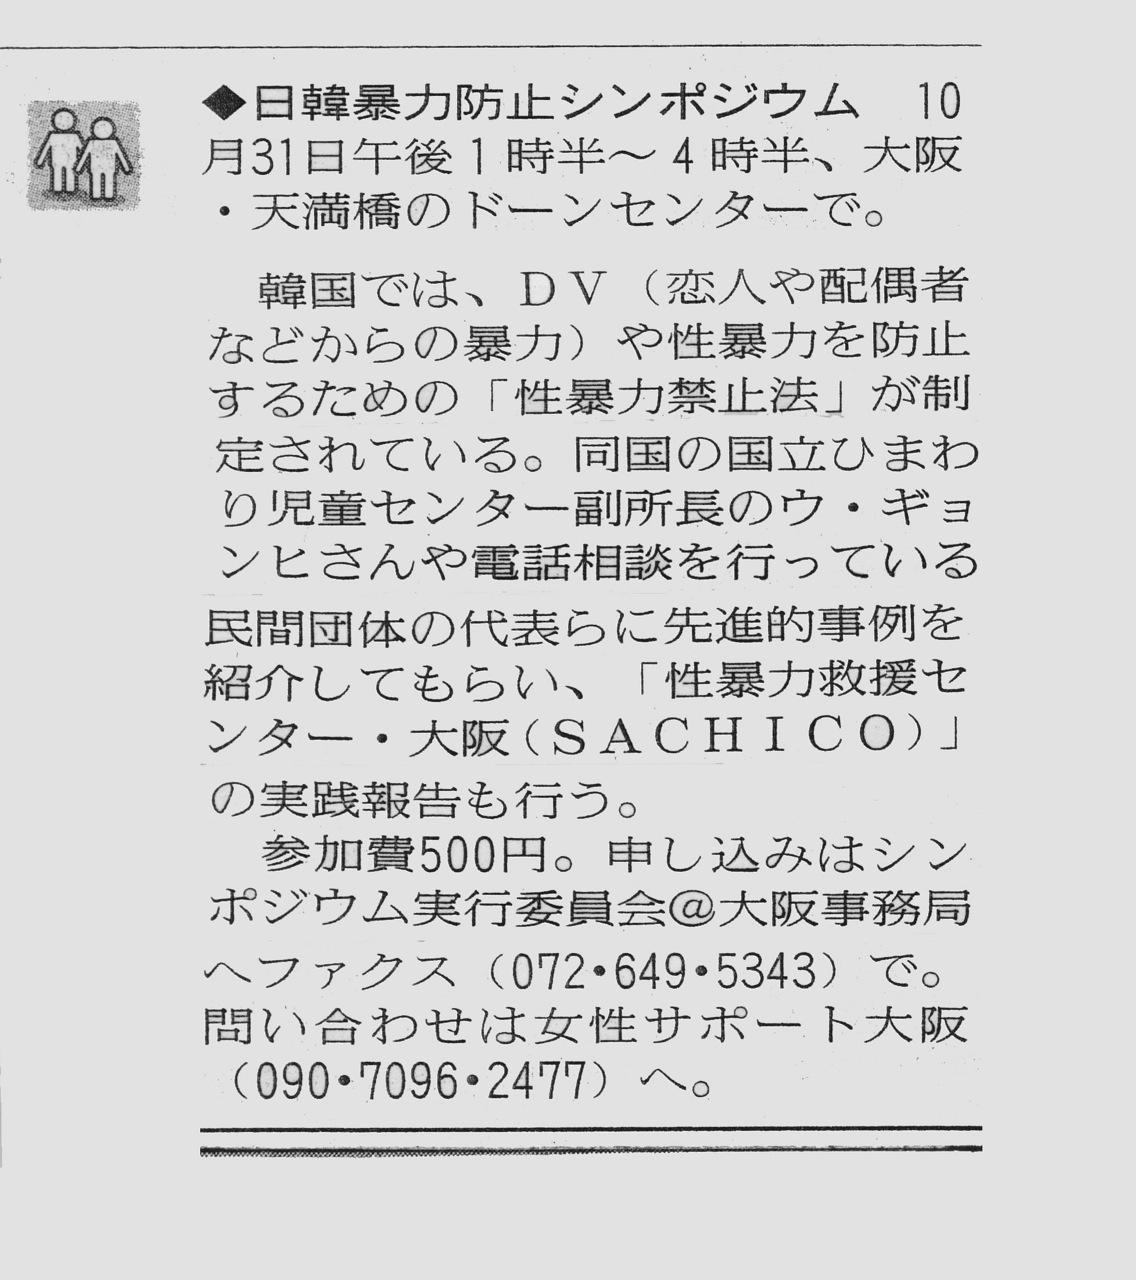 日韓暴力防止シンポジウム大阪 10/31(日)ドーンセンターへ_c0074288_17141214.jpg